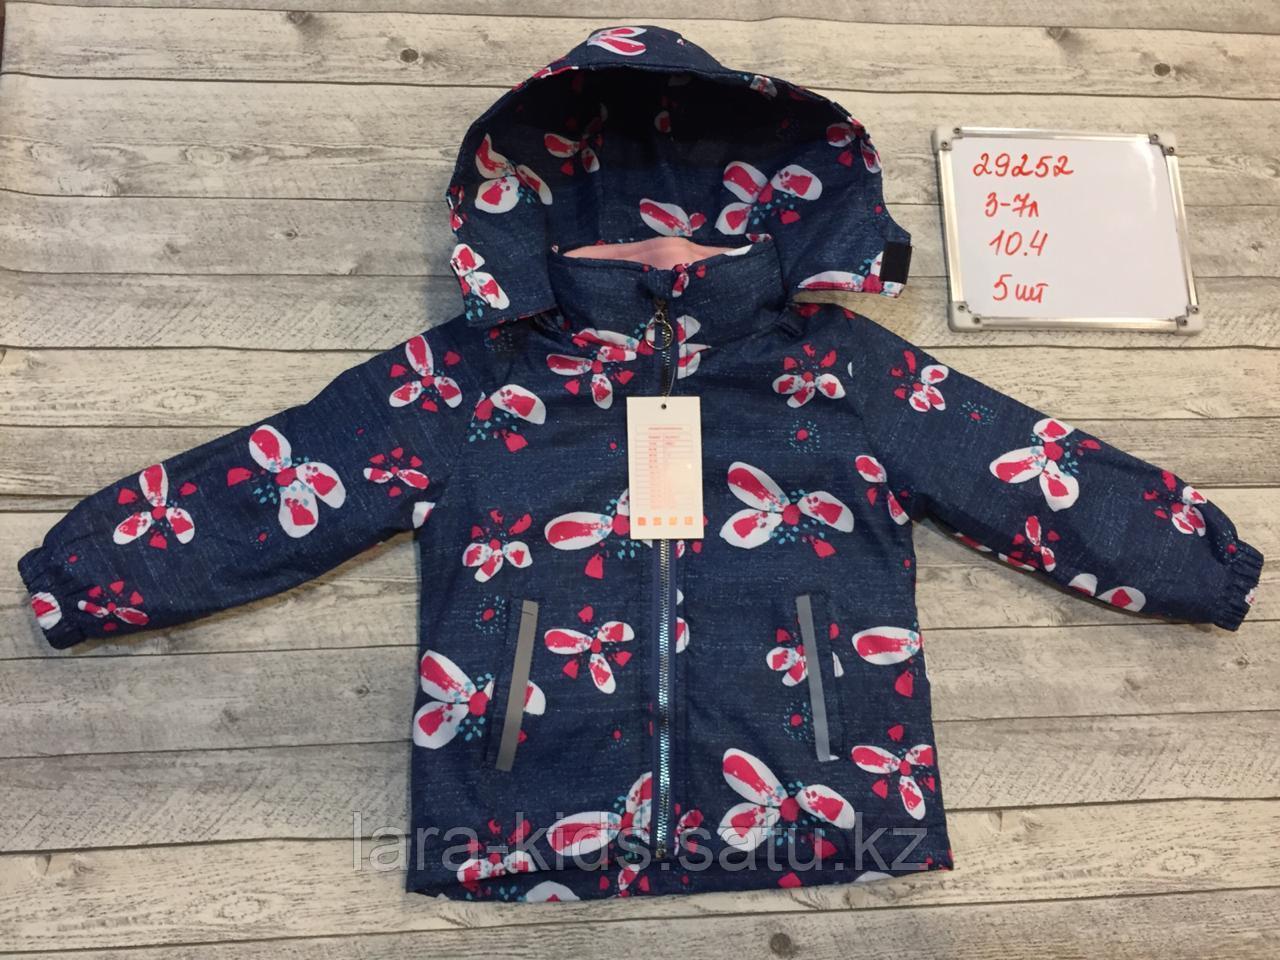 Куртки для девочек (весна)